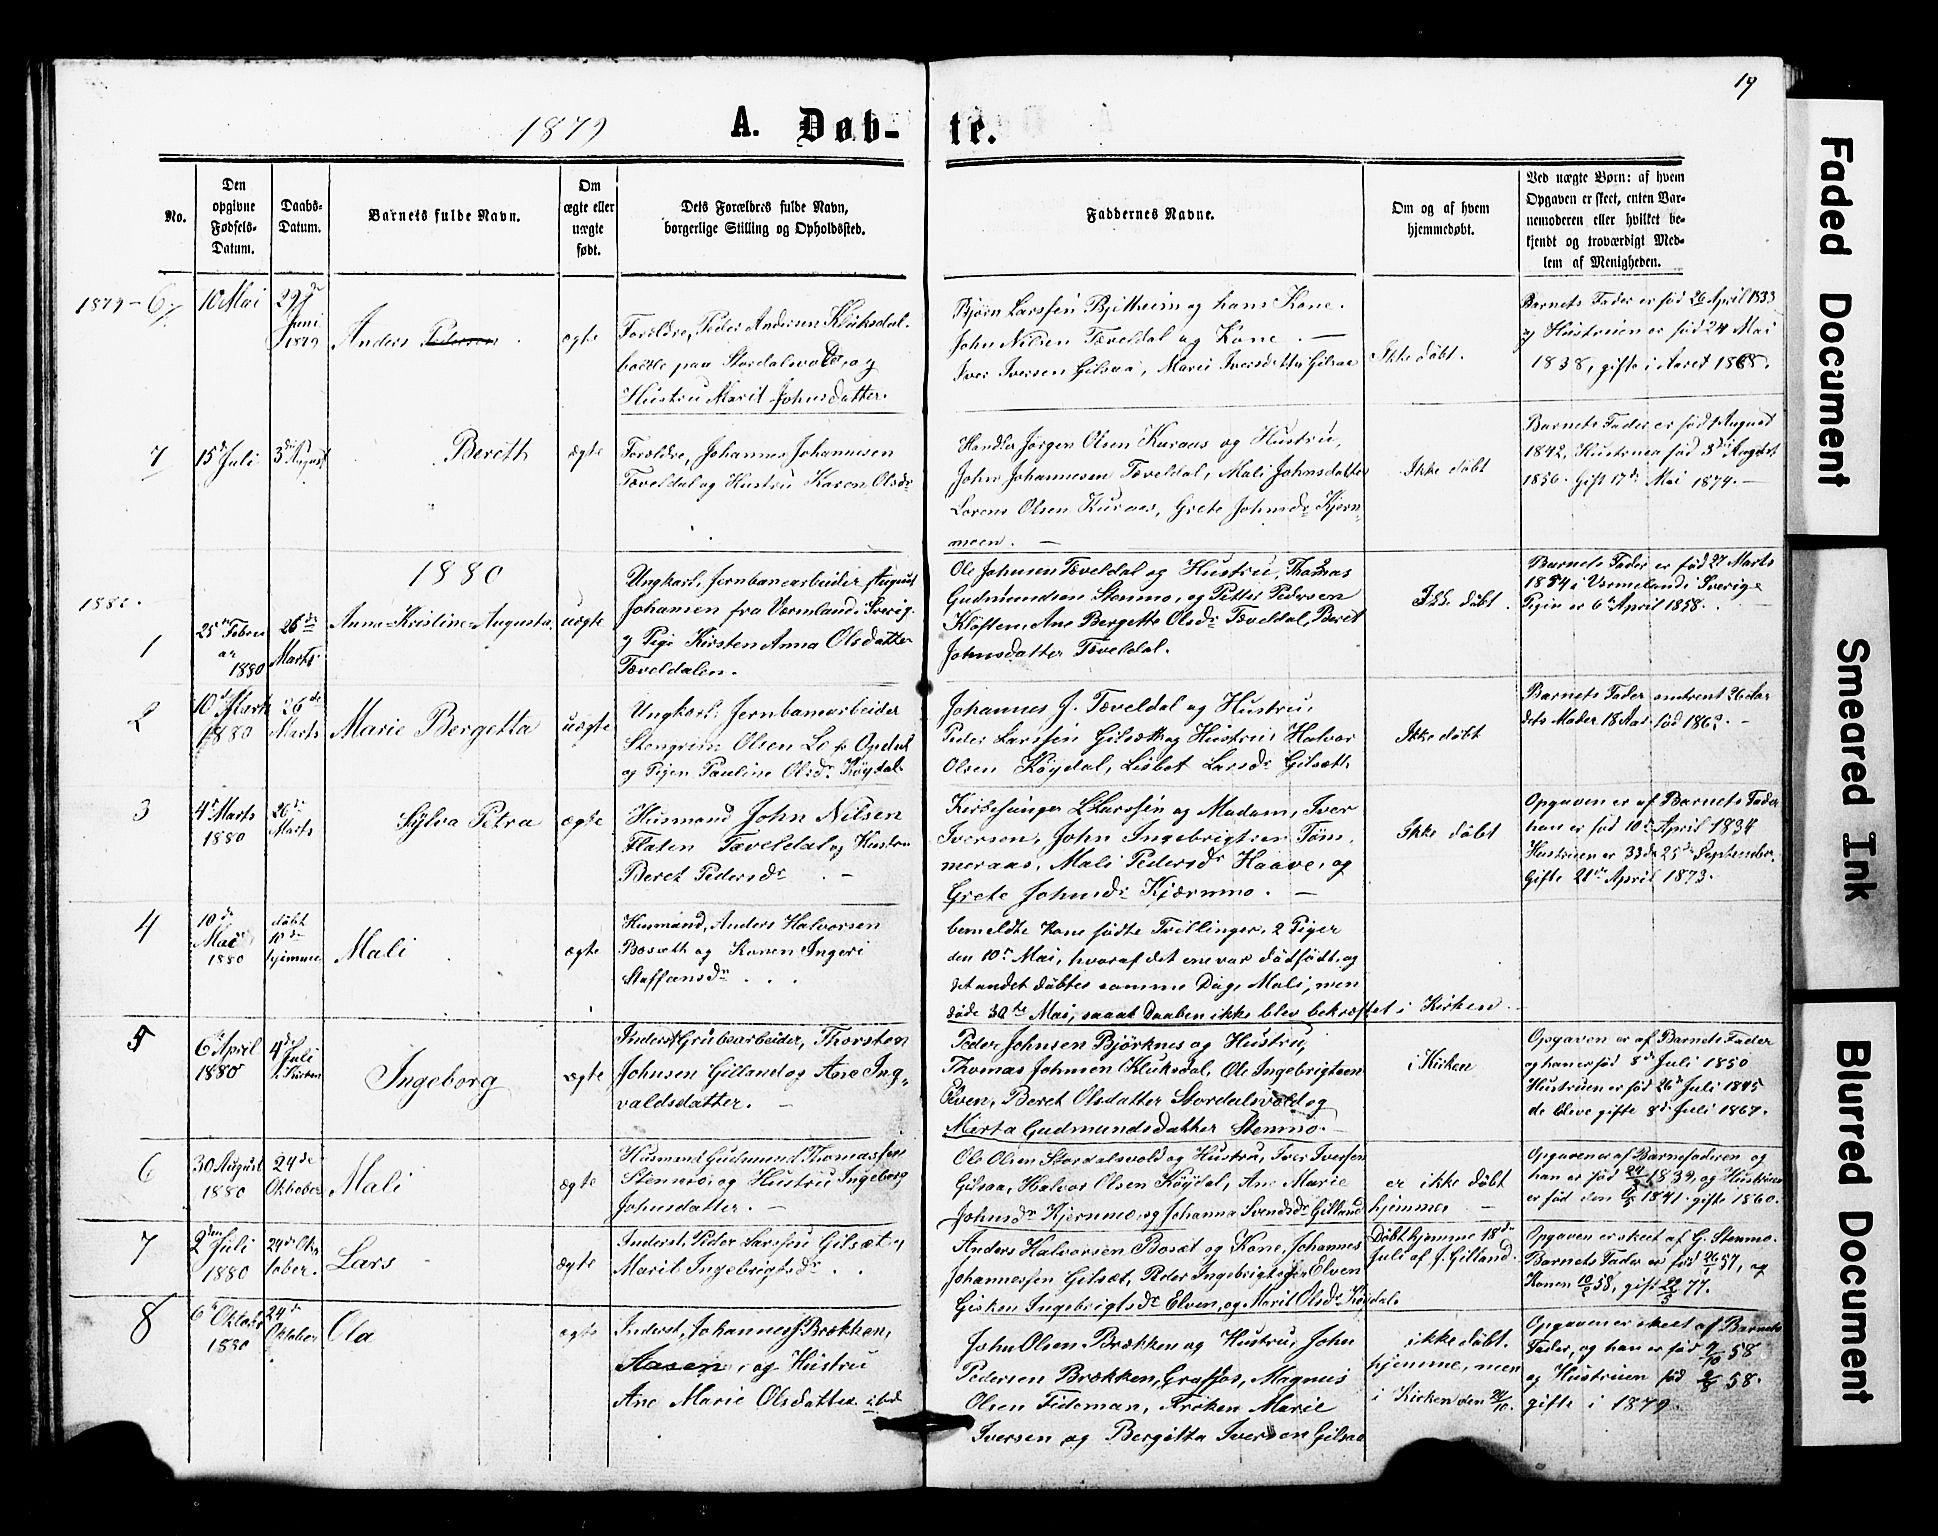 SAT, Ministerialprotokoller, klokkerbøker og fødselsregistre - Nord-Trøndelag, 707/L0052: Klokkerbok nr. 707C01, 1864-1897, s. 19